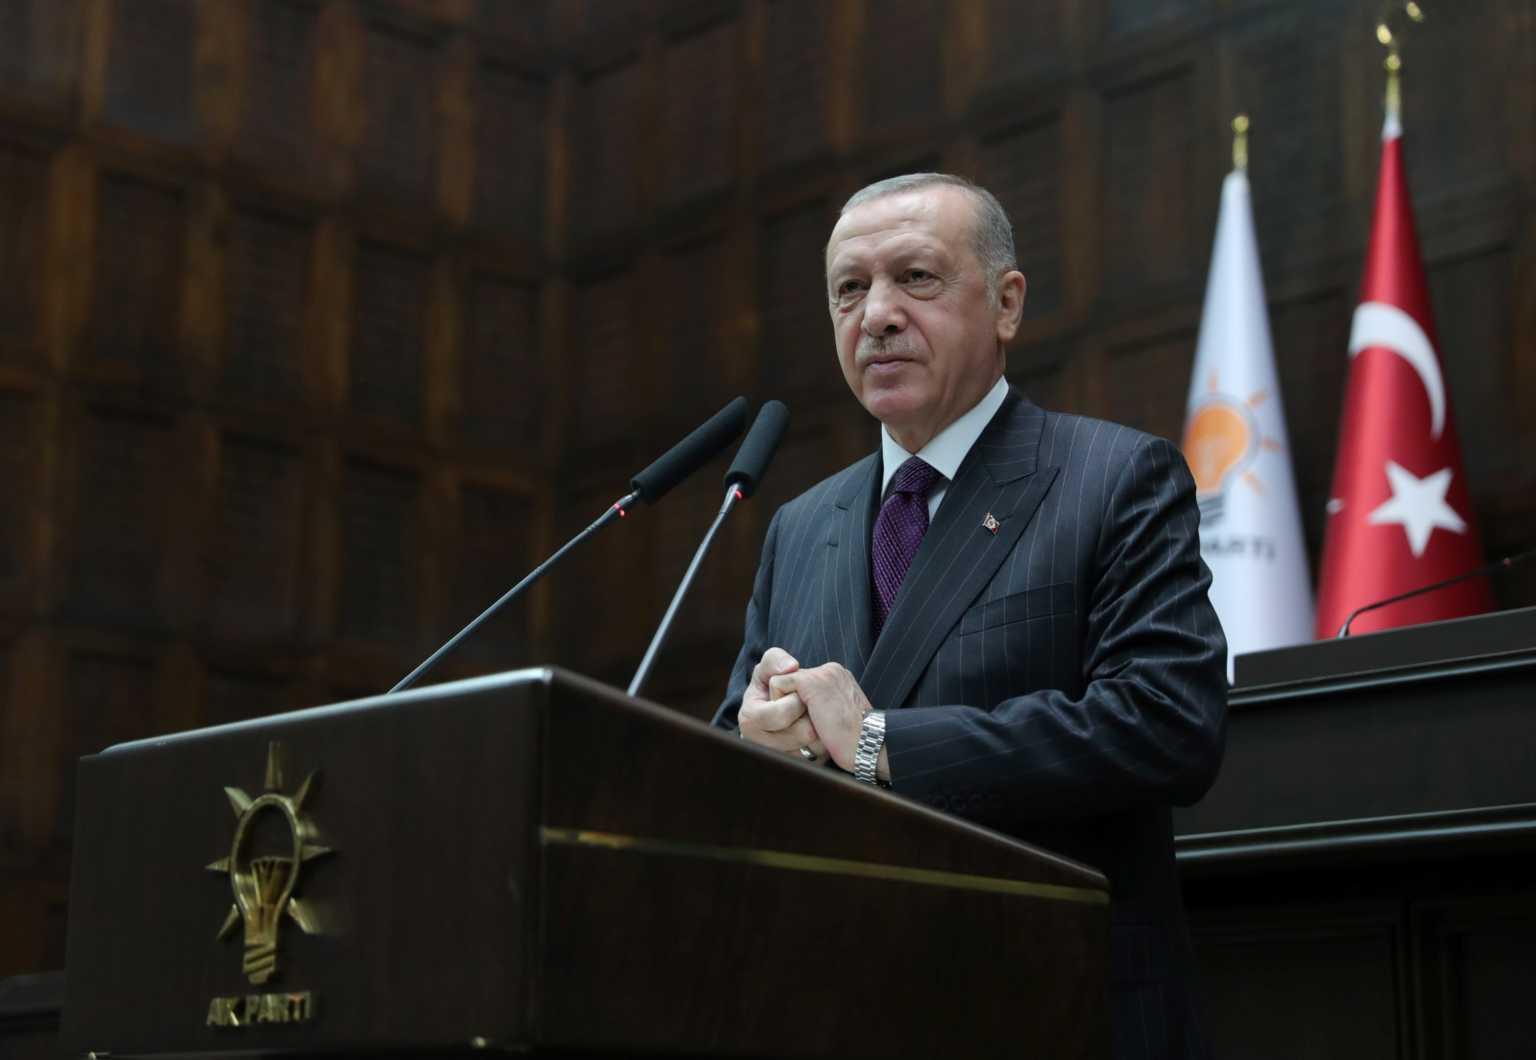 Ο Ερντογάν σηκώνει το «γάντι»! Επίθεση στον Μακρόν στο όνομα του Ισλάμ